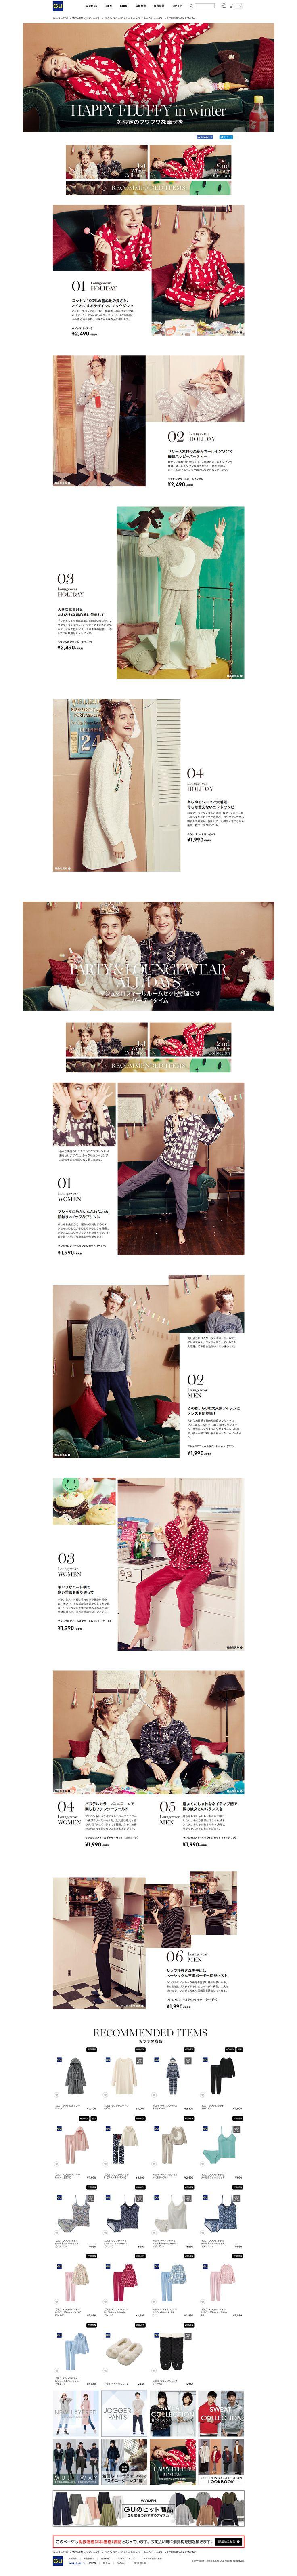 GU(ジーユー)| ラウンジウェア(ルームウェア・パジャマ) http://www.uniqlo.com/jp/store/feature/gu/loungewearaw/women/